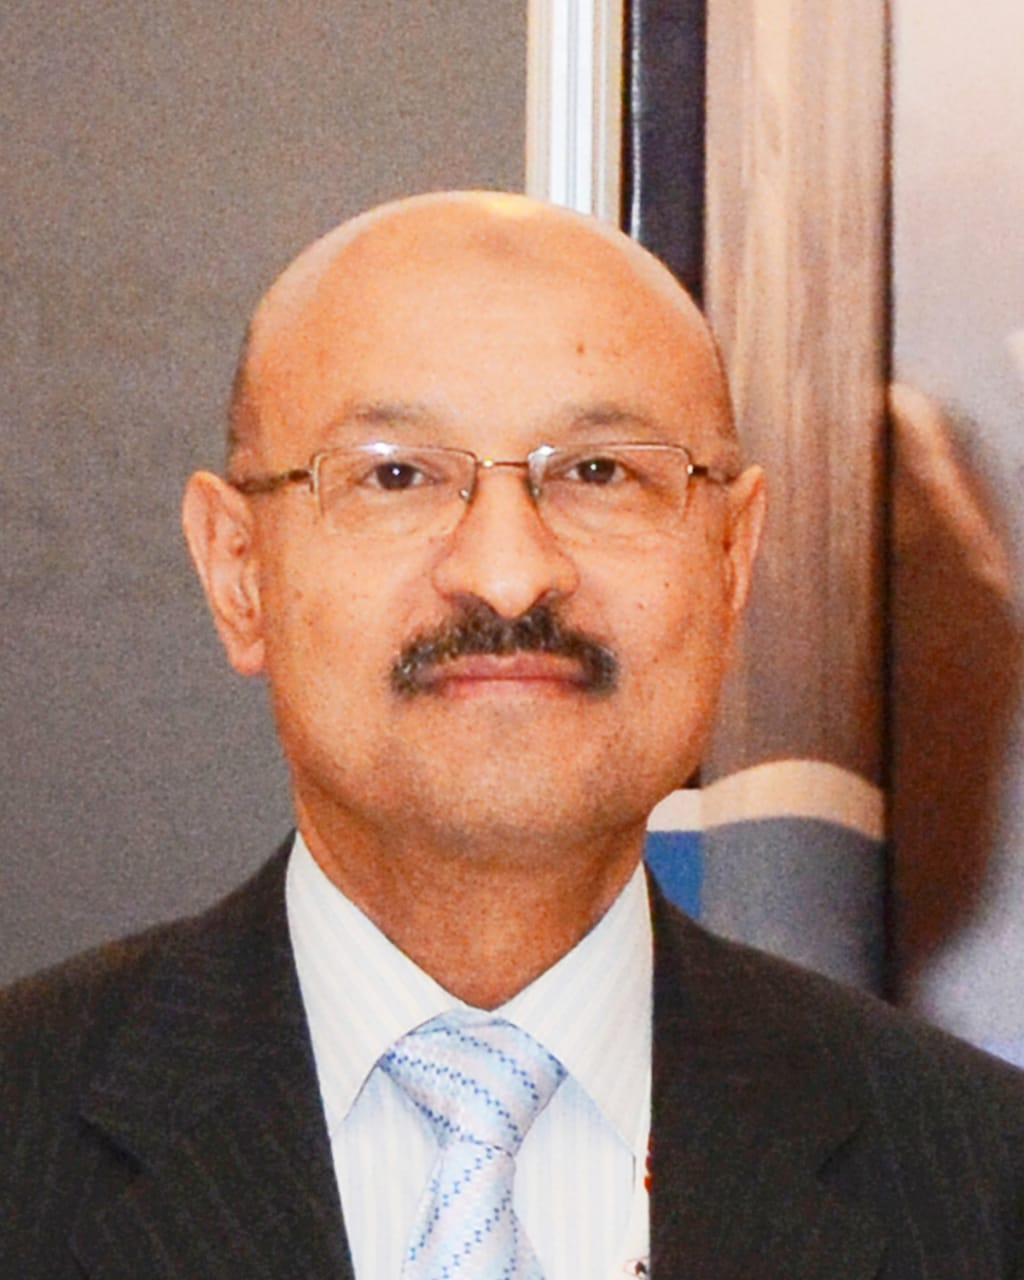 المهندس طارق عبد العليم مساعداً لرئيس مجلس إدارة شركة مصر للطيران للصيانة والأعمال الفنية